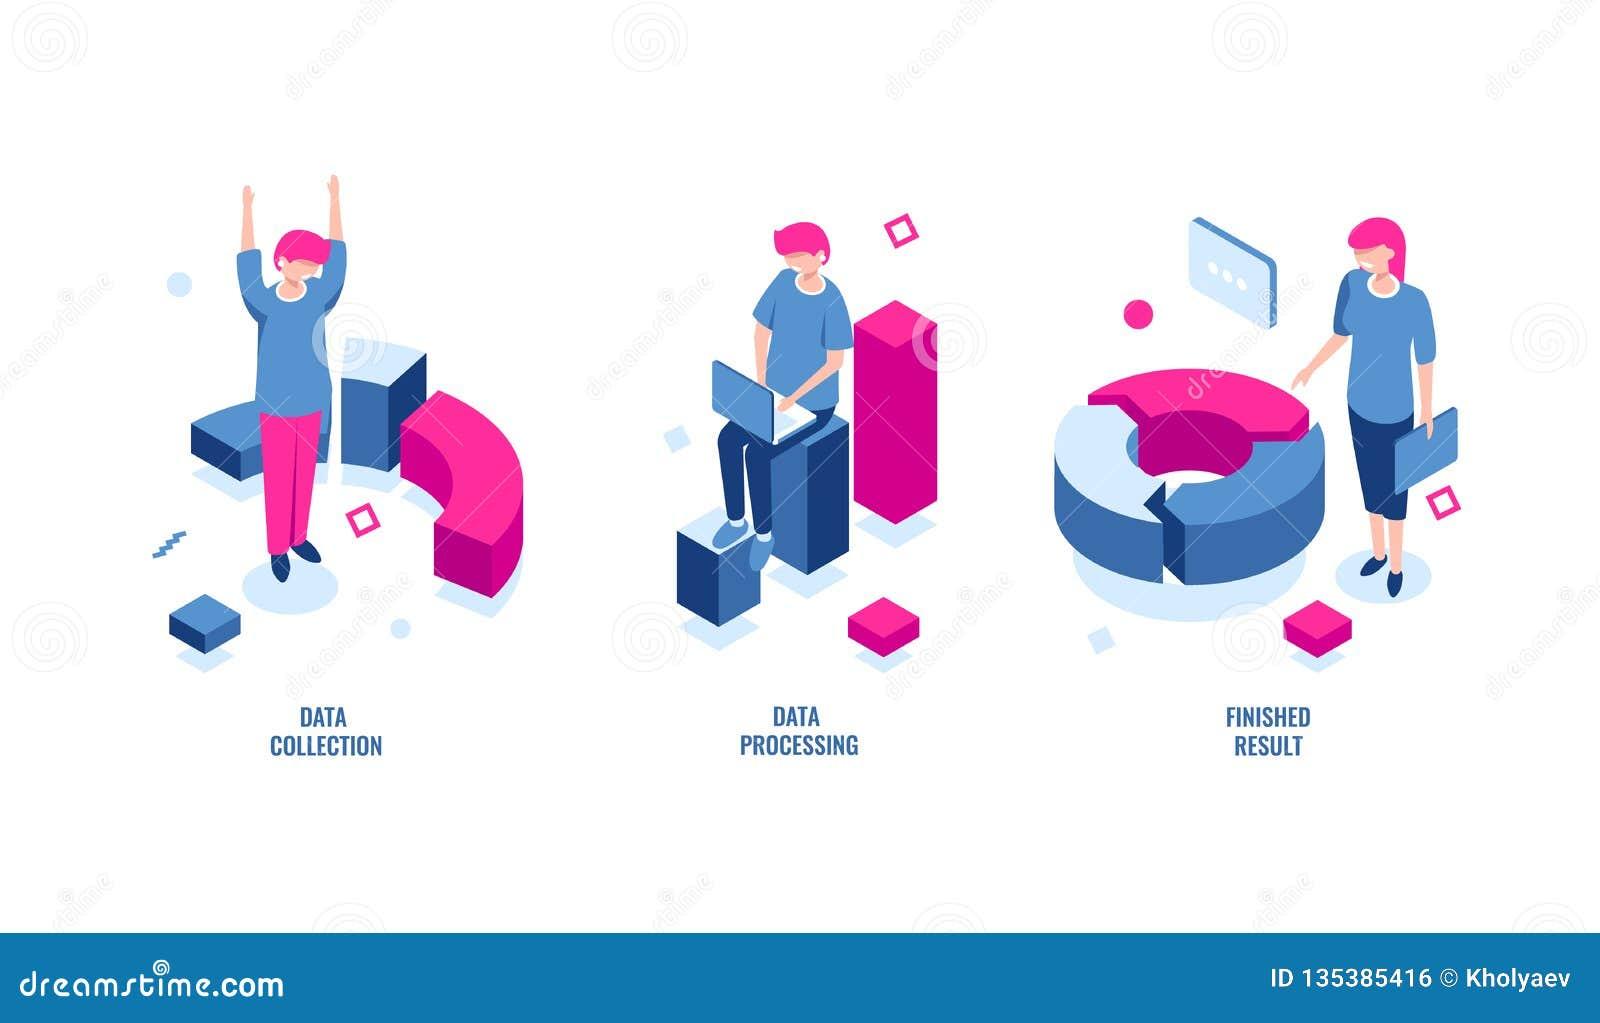 Statistiques commerciales, collecte de données et icône isométrique informatique, résultat de finition, diagramme de diagramme, r